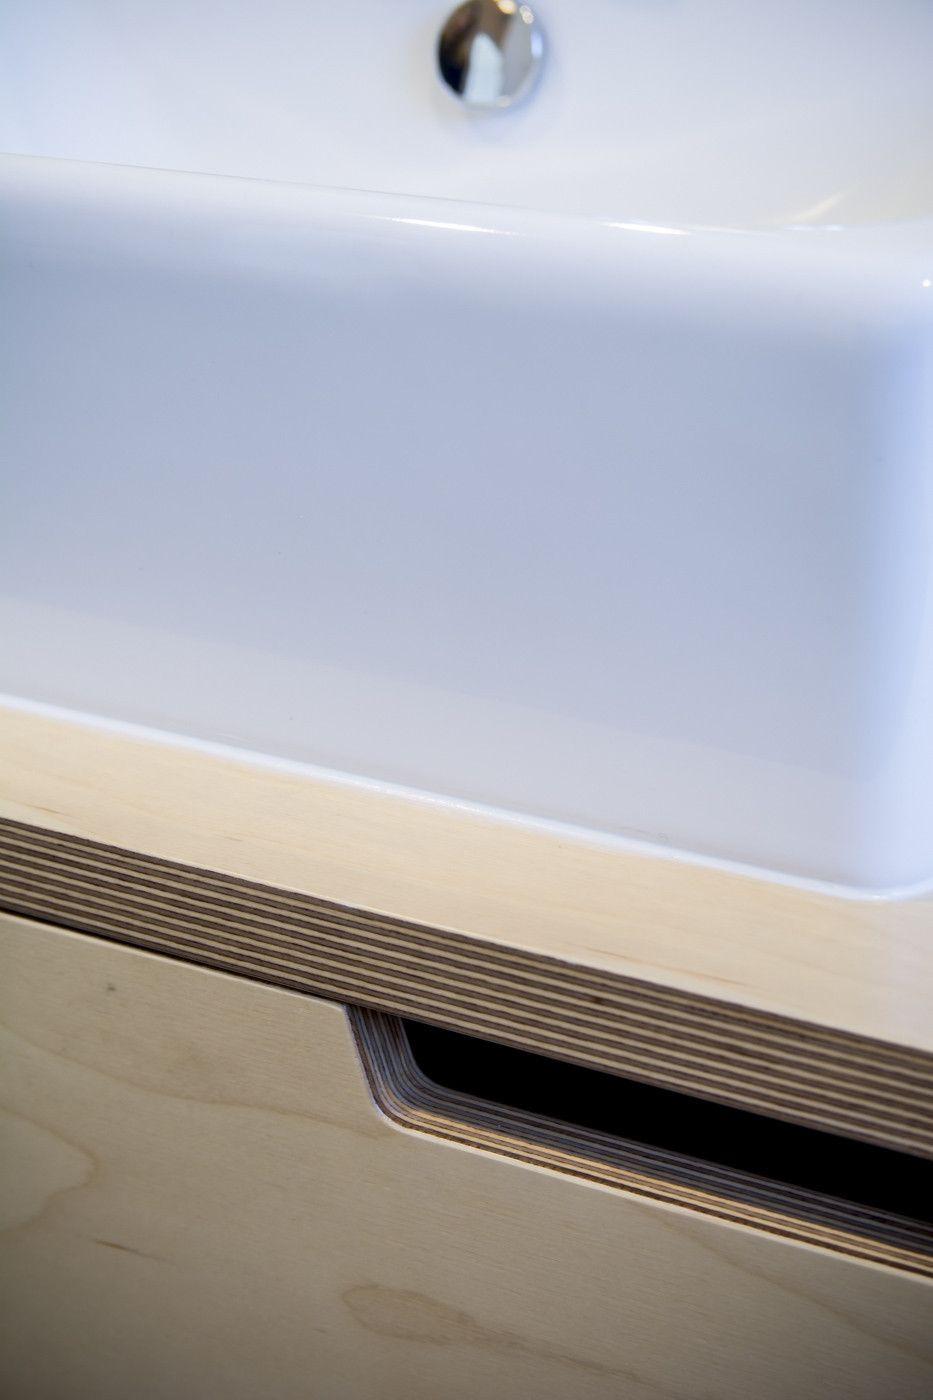 Bathroom Vanity Tops New Zealand 2 door birch plywood vanity | plywood, birch and nelson f.c.